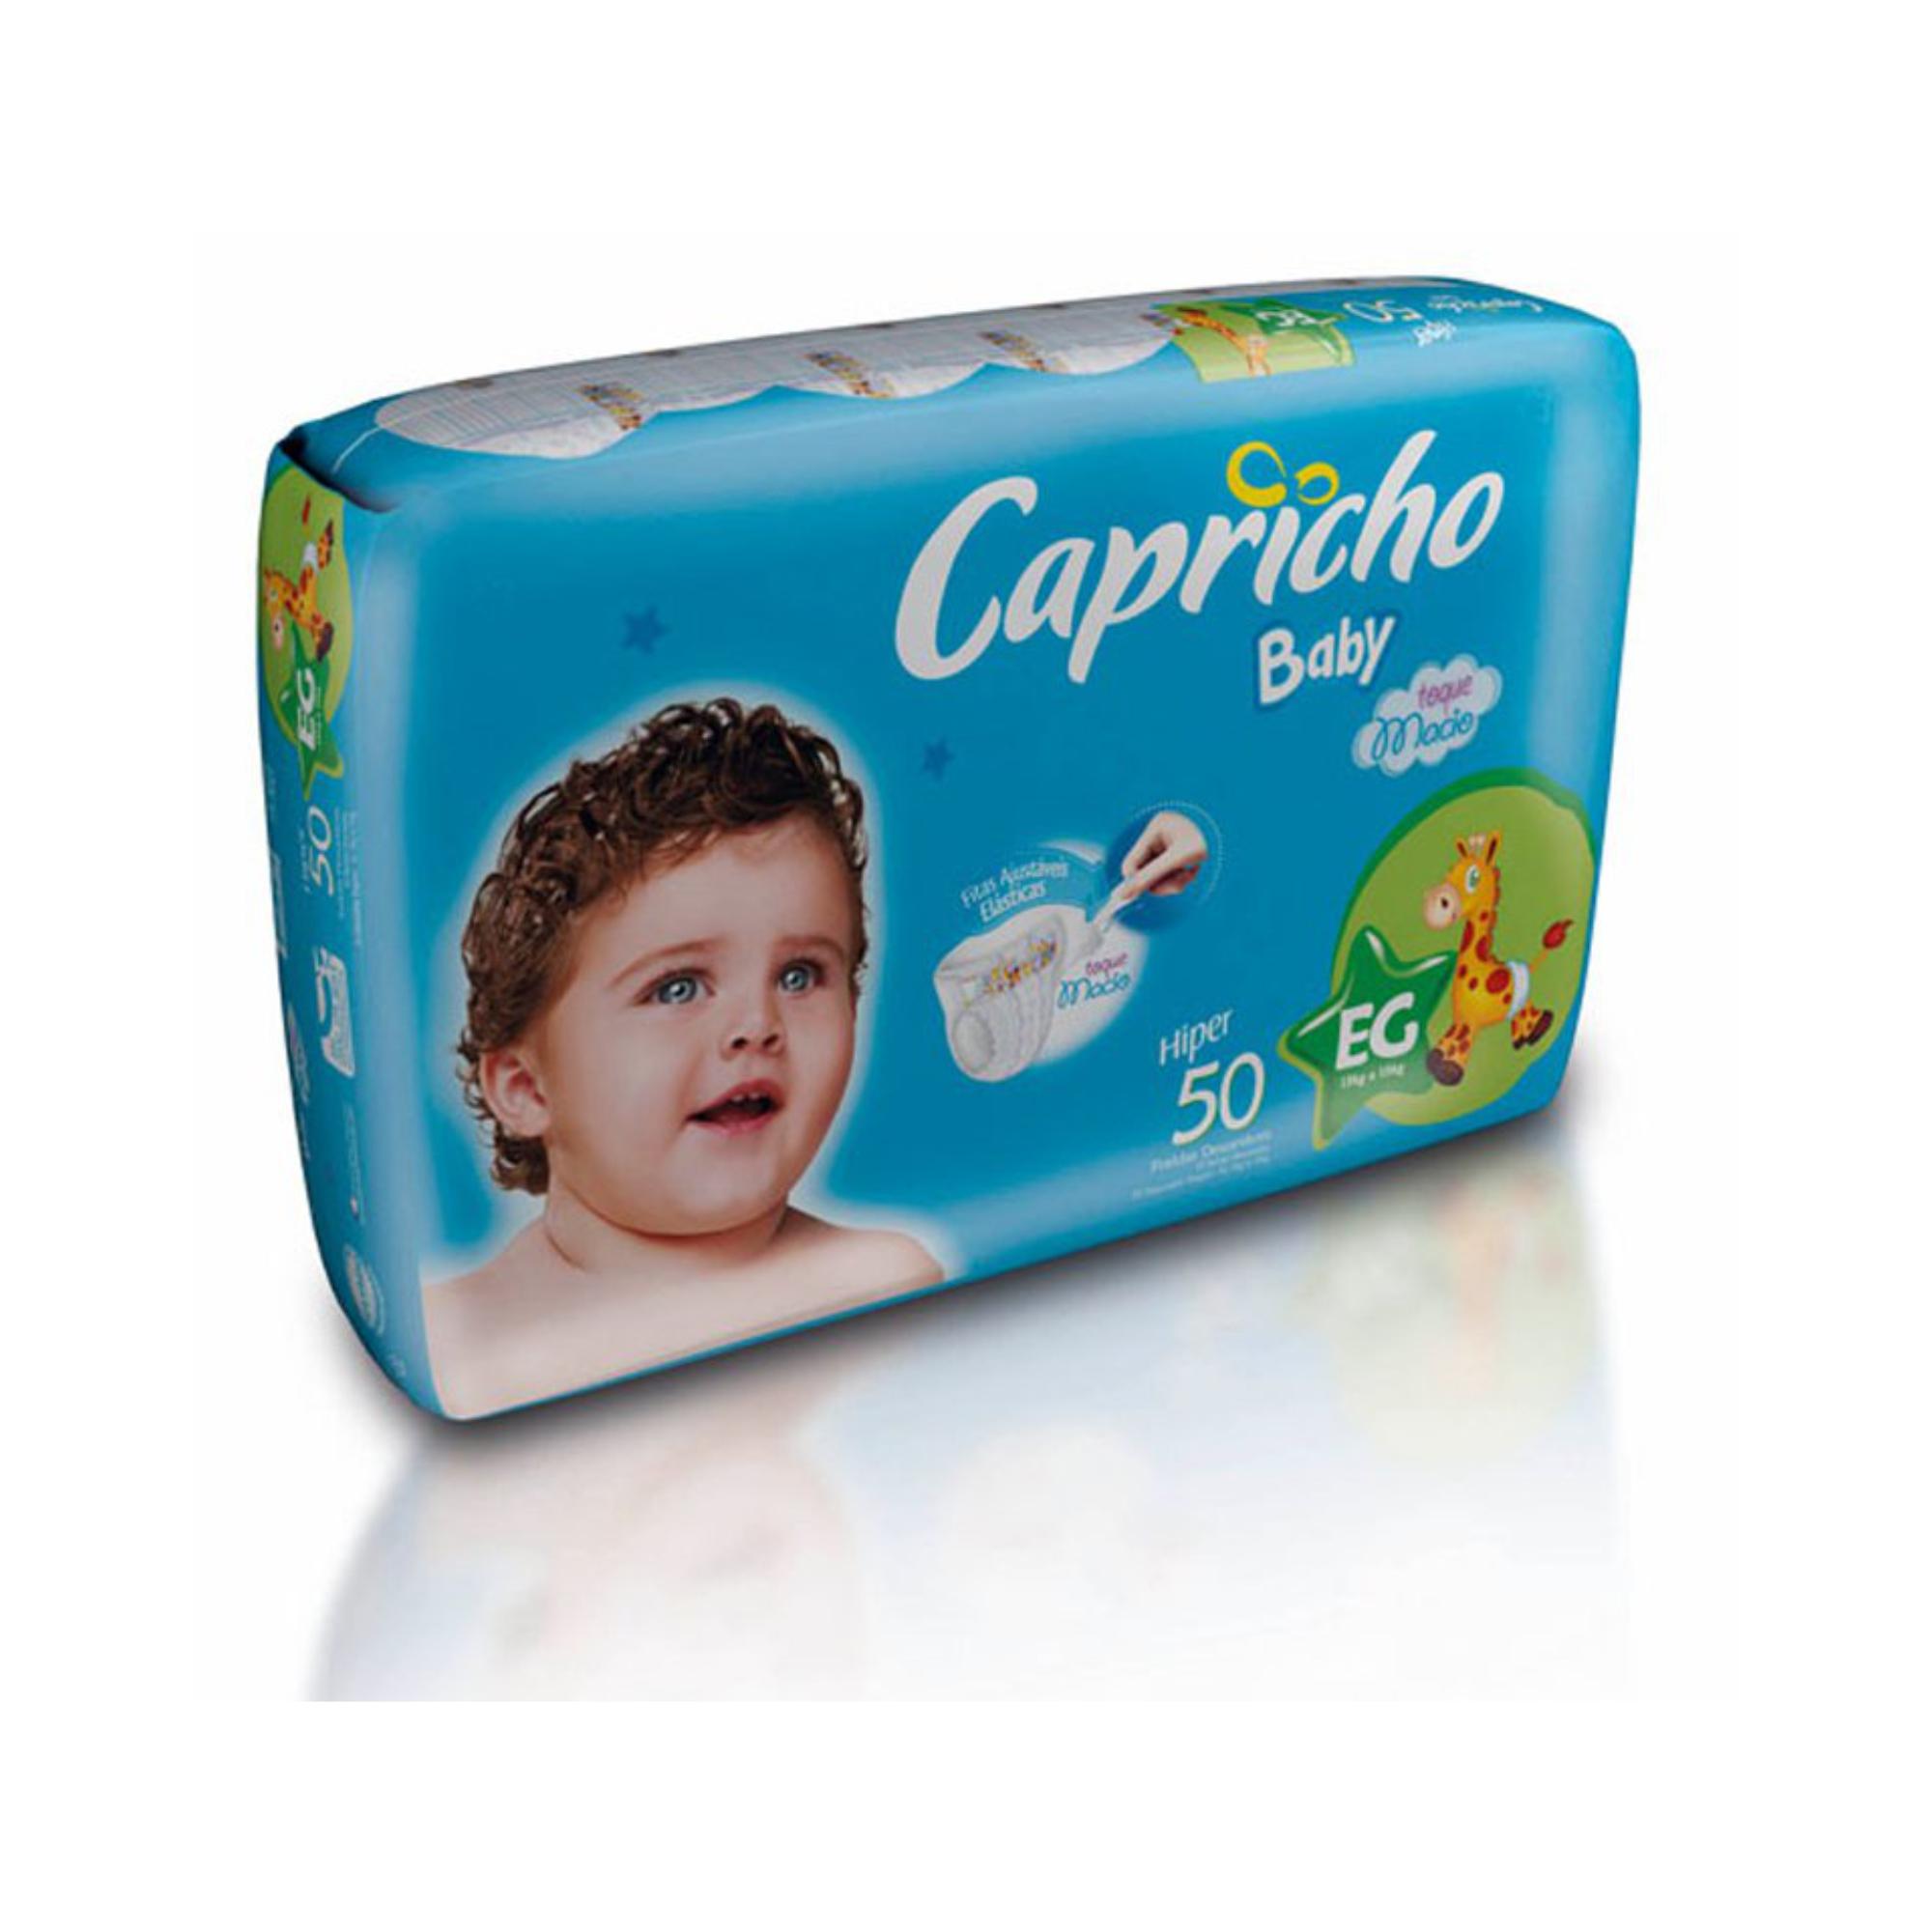 FRALDA CAPRICHO BABY, EG 50 FRALDAS PACOTE HIPER